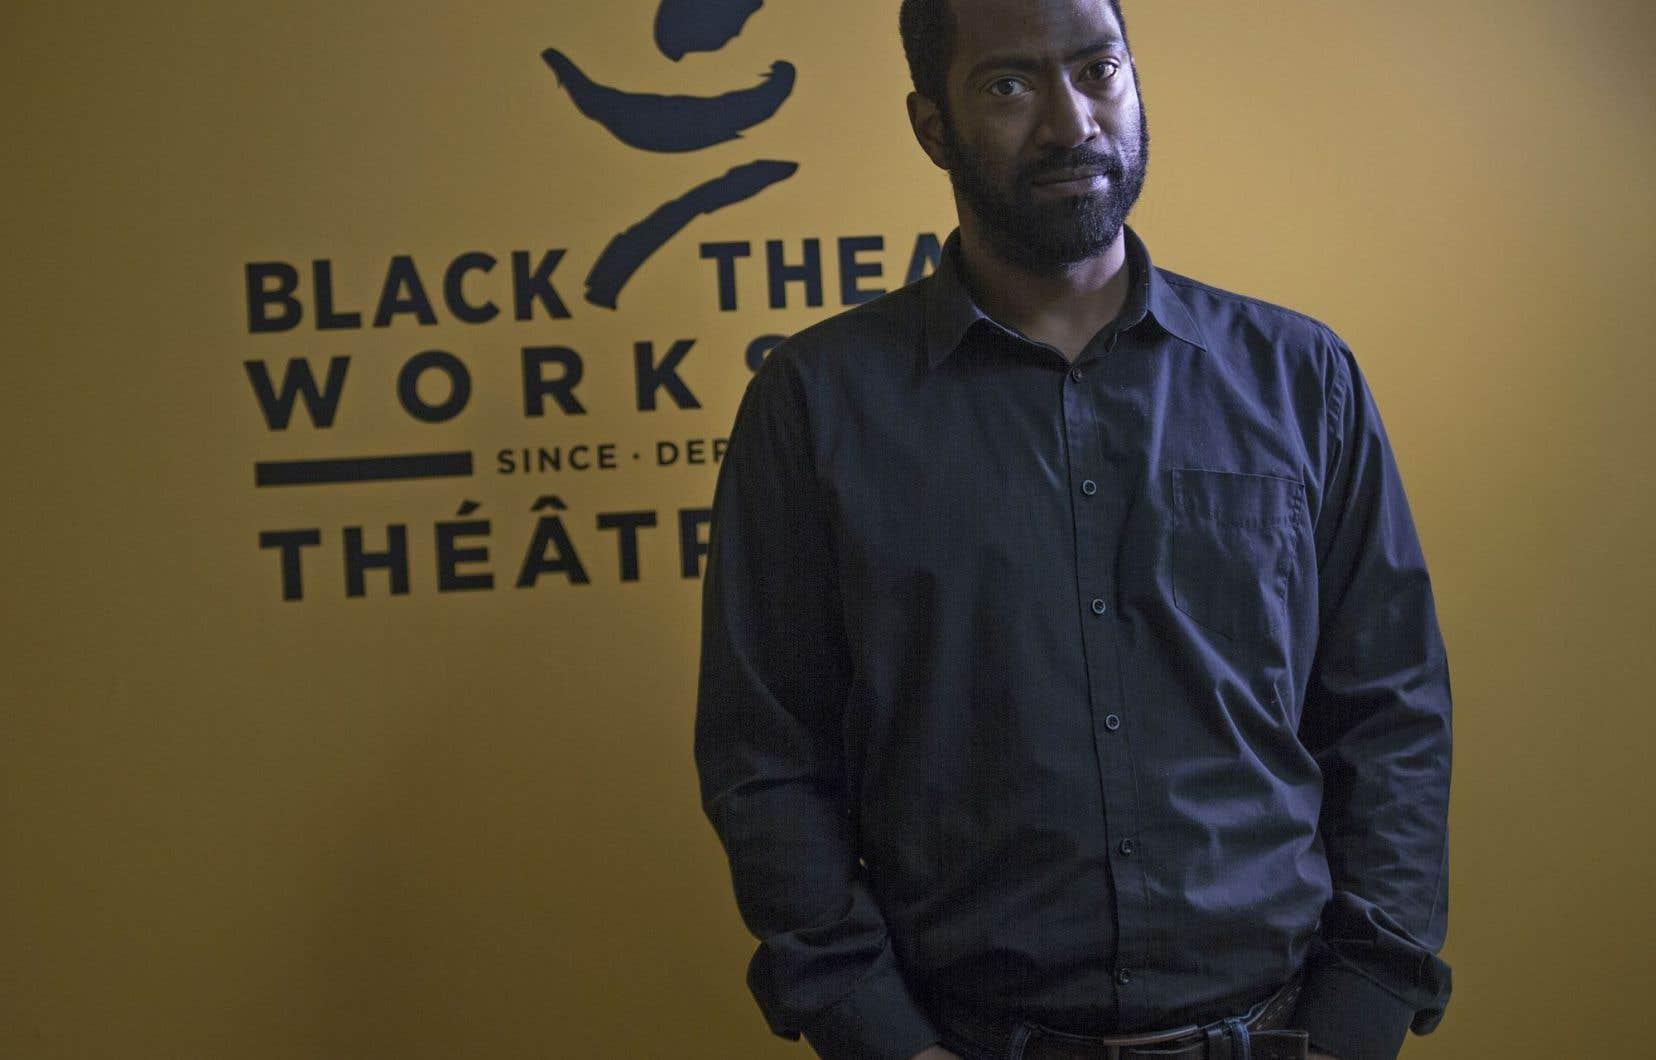 Quincy Armorer est le directeur artistique du Black Theatre Workshop depuis 2011.